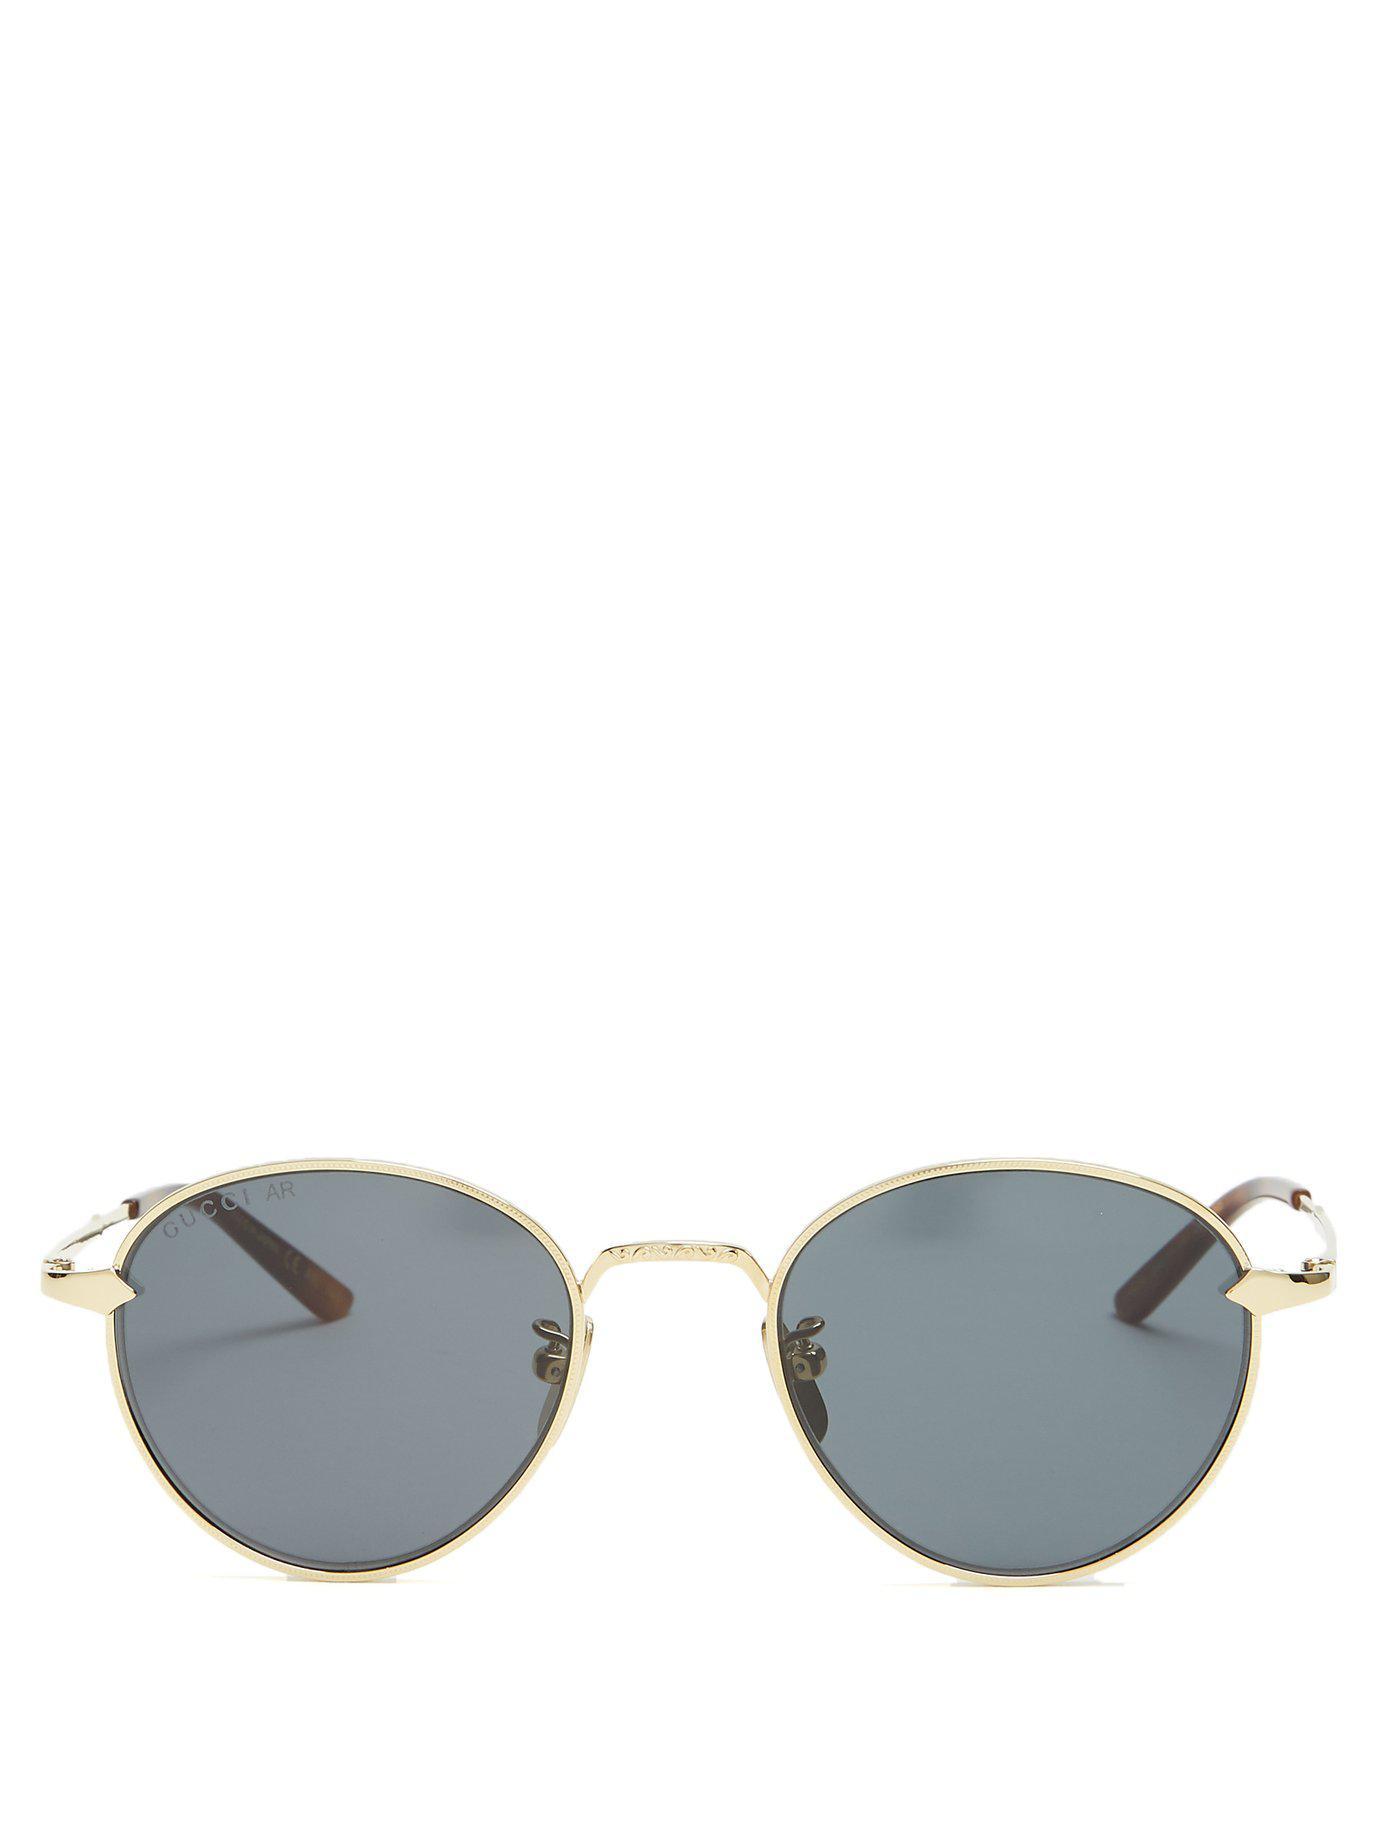 21e28e53ef1 Lyst - Gucci Round Frame Sunglasses in Metallic for Men